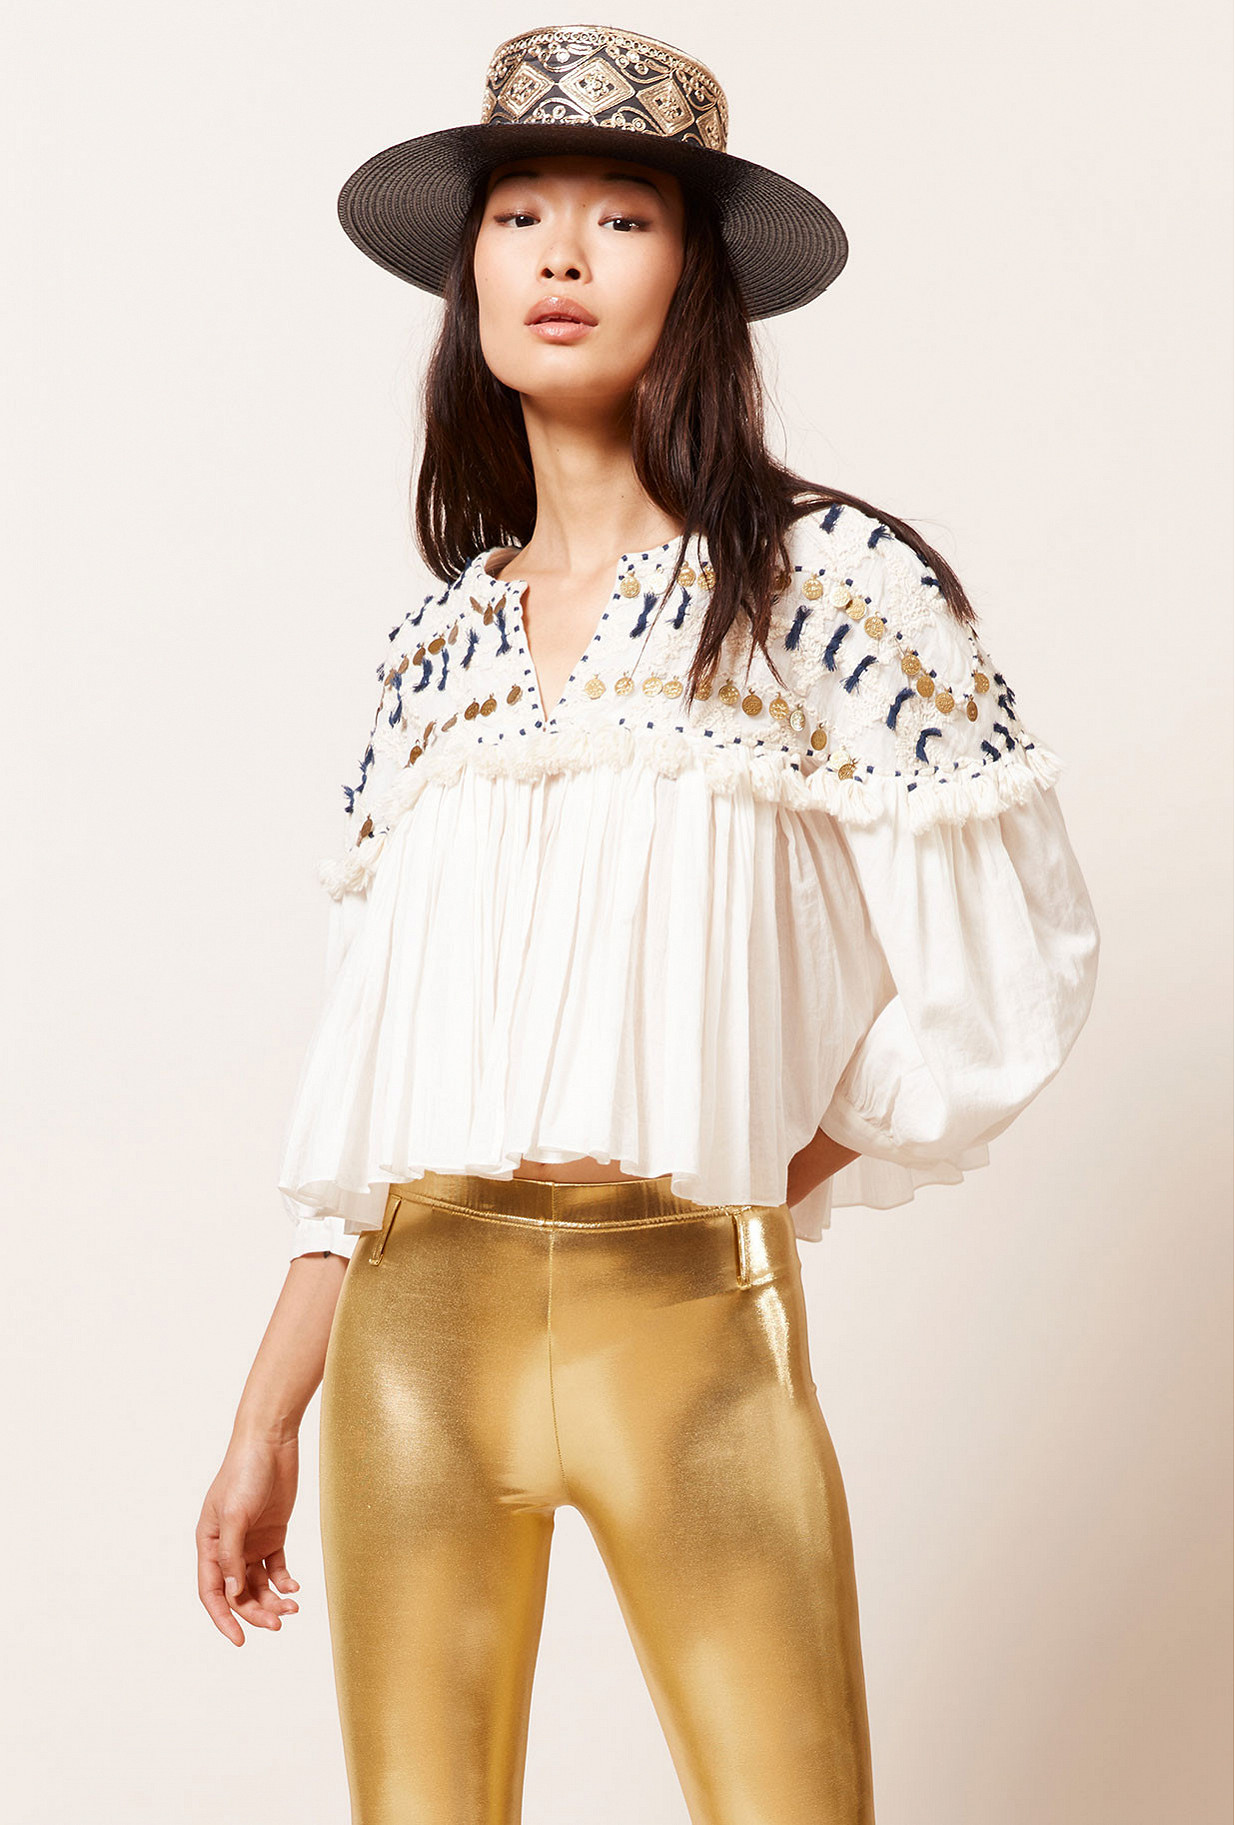 Paris boutique de mode vêtement Top créateur bohème  Beli